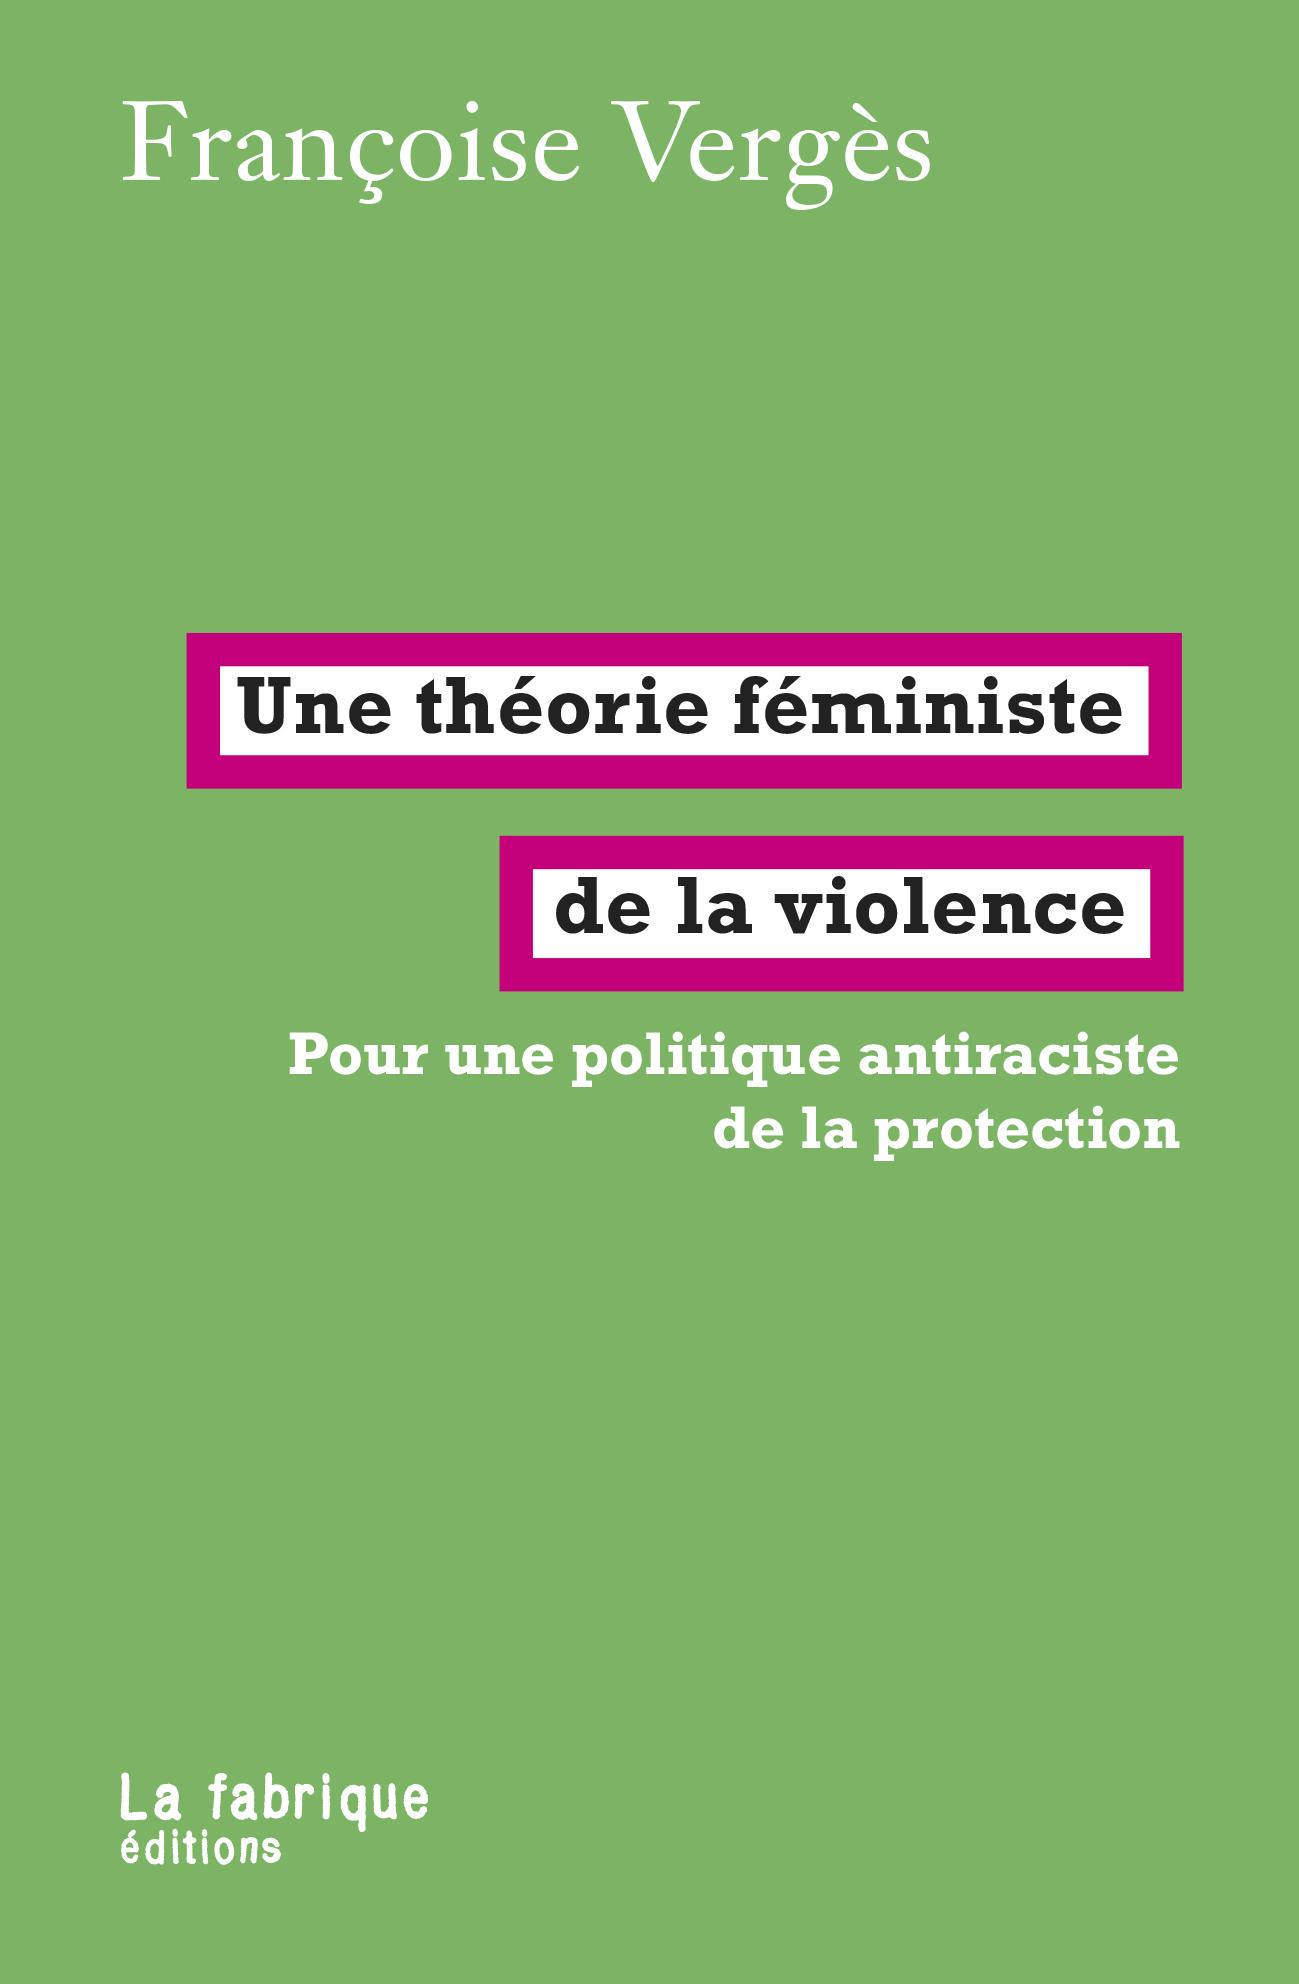 F. Vergès, Une théorie féministe de la violence